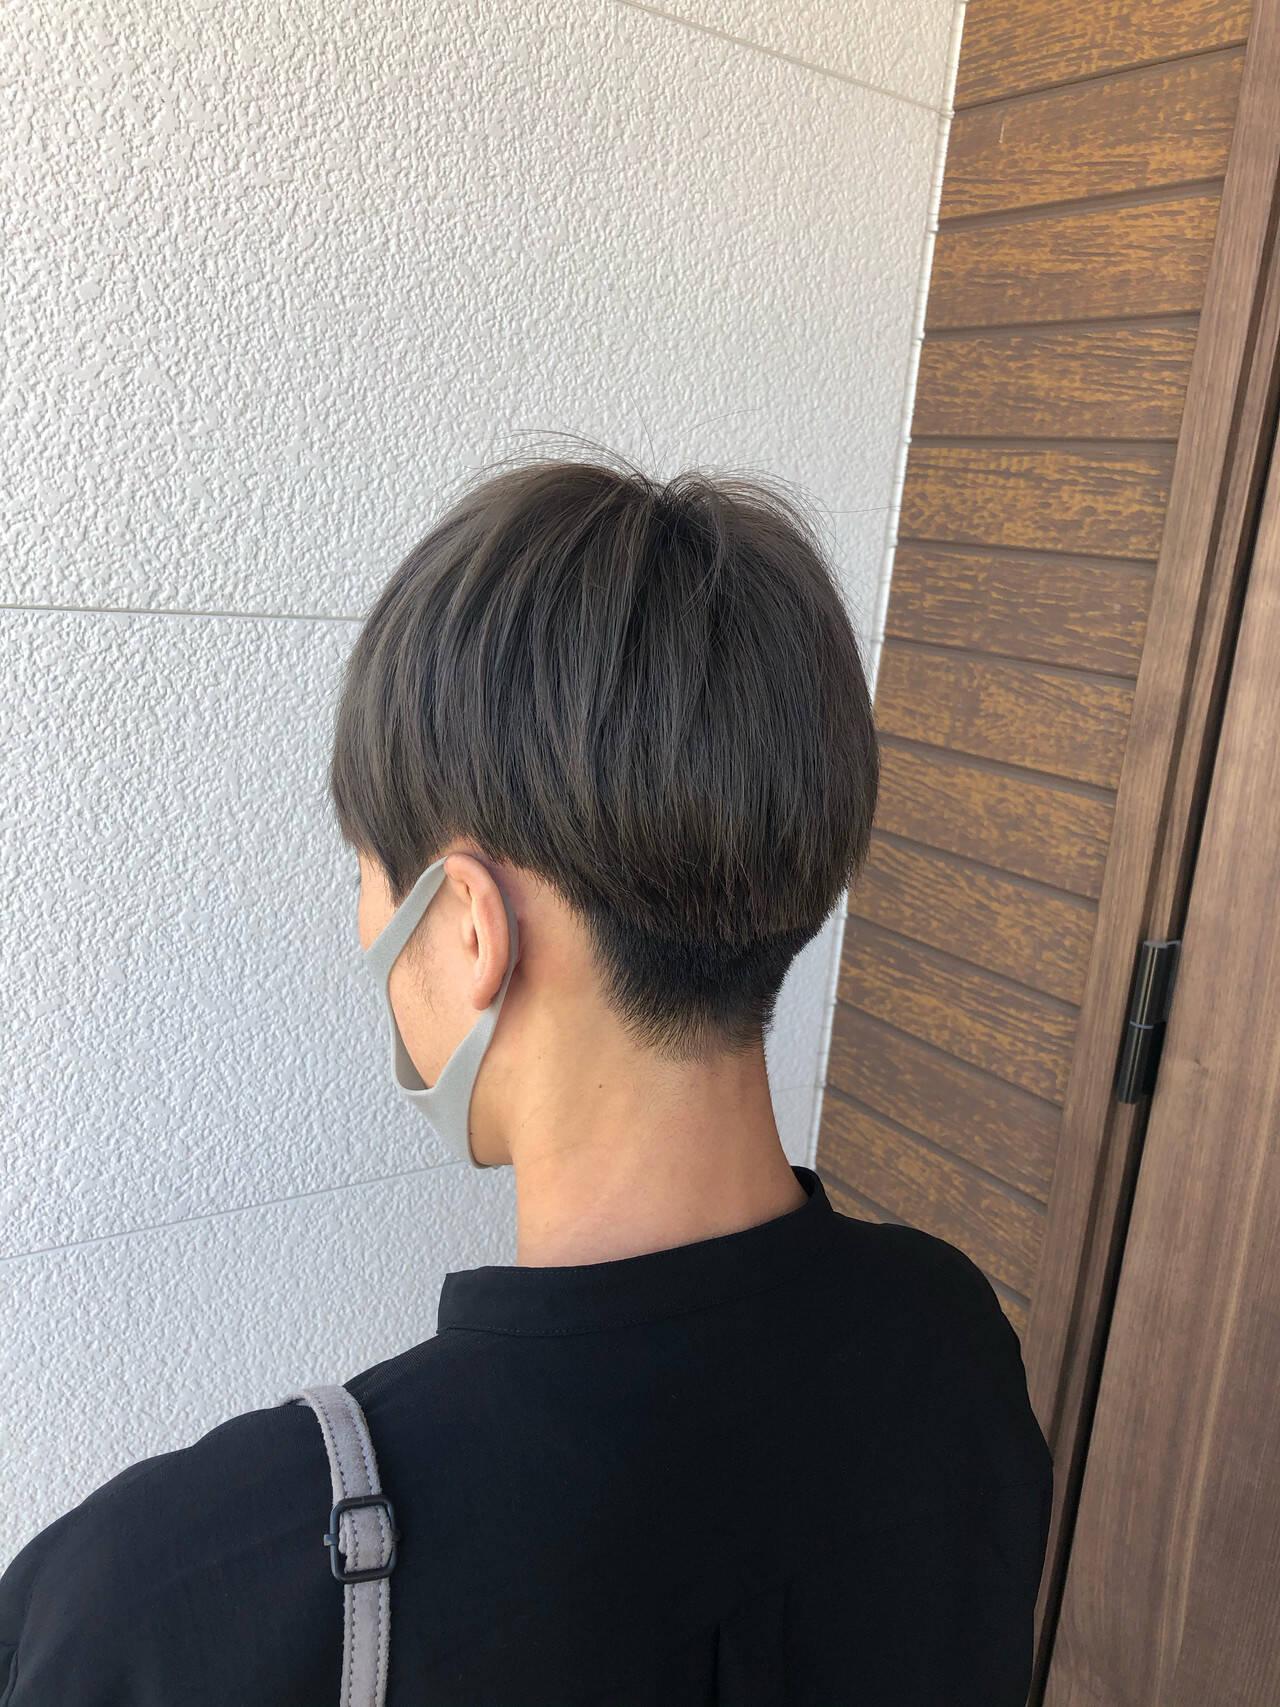 マッシュ モード ショート メンズマッシュヘアスタイルや髪型の写真・画像